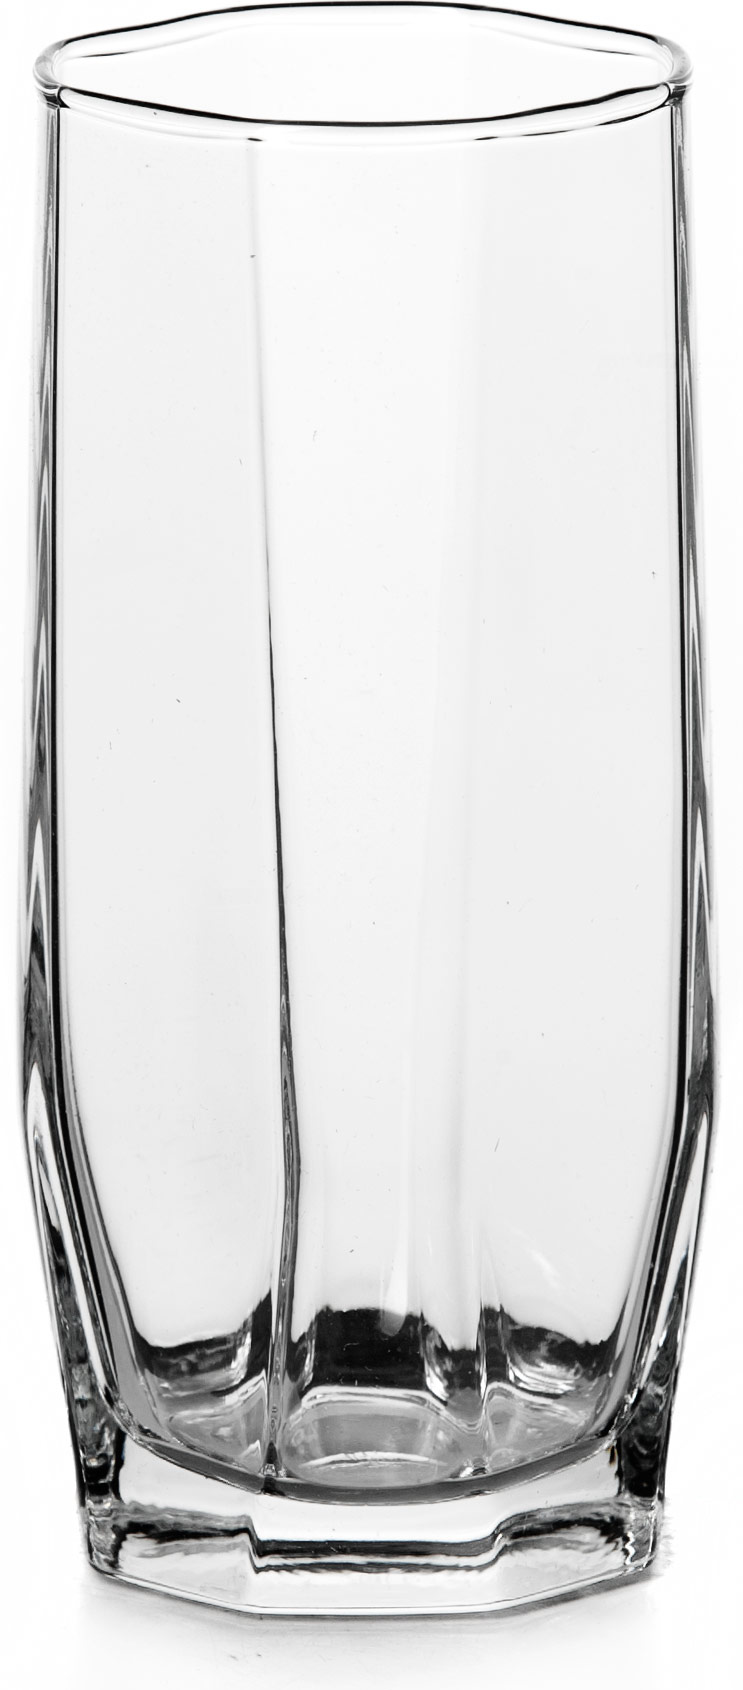 Набор стаканов для коктейлей Pasabahce Hisar, 275 мл, 6 шт42859BНабор Pasabahce Hisar состоит из 6 стаканов, выполненных из закаленного натрий-кальций-силикатного стекла. Изделия прекрасно подойдут для подачи коктейлей.Набор стаканов Pasabahce Hisar украсит ваш стол и станет отличным подарком к любому празднику. Высота: 14 см.